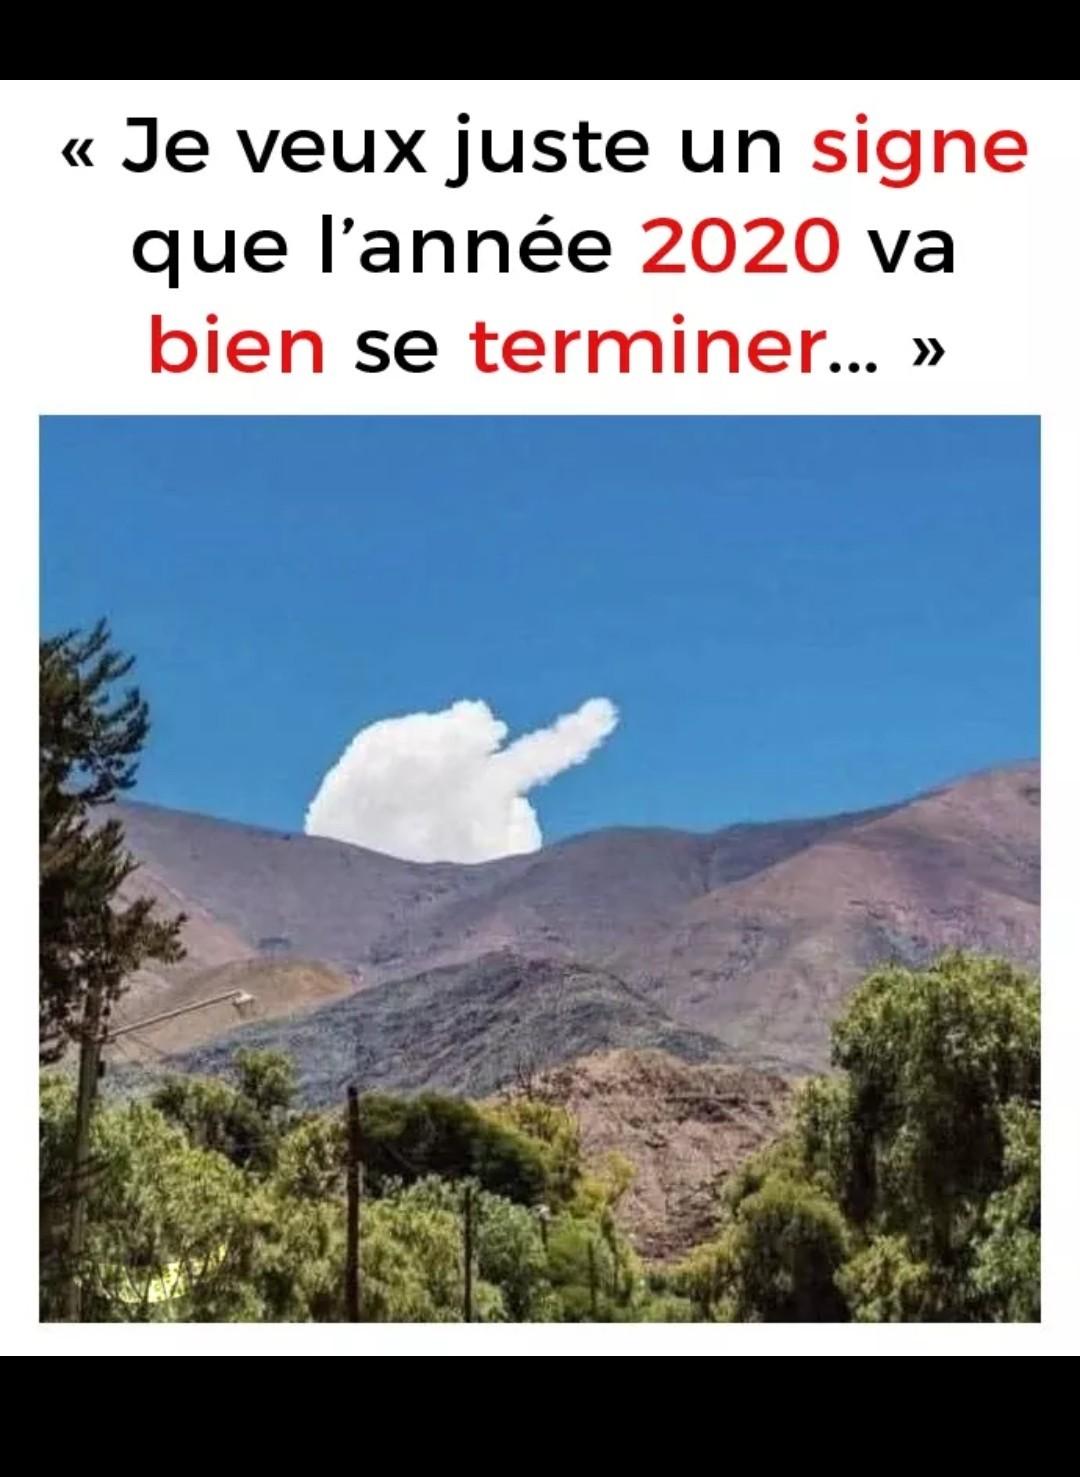 Tien l année 2020  !!!!!!!!! - meme